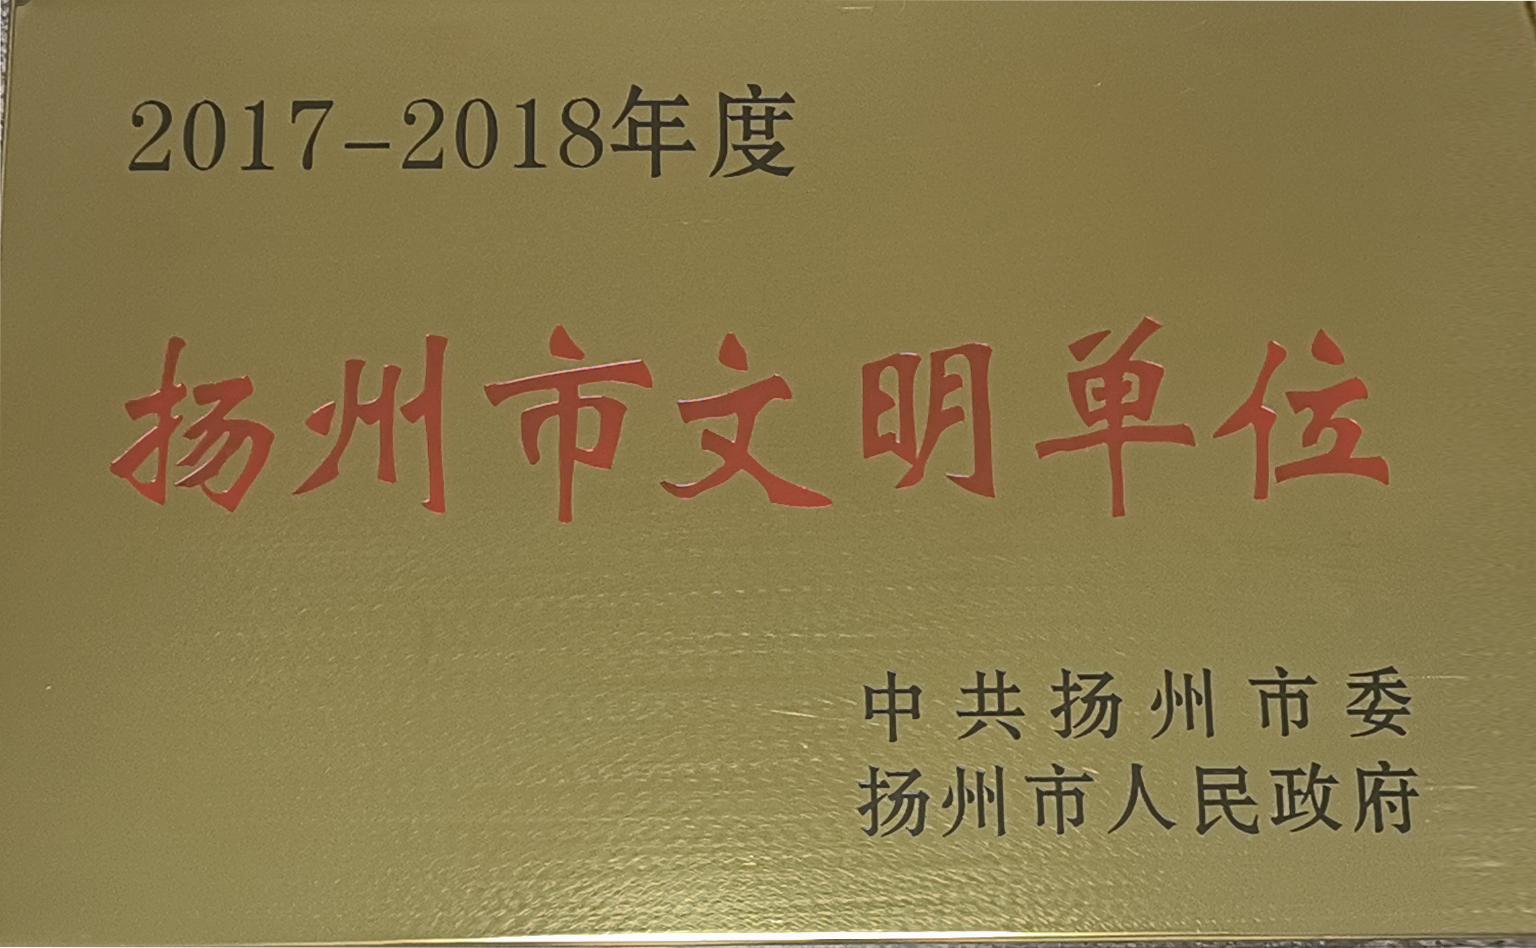 beplay体育注册地产荣膺扬州市文明单位称号